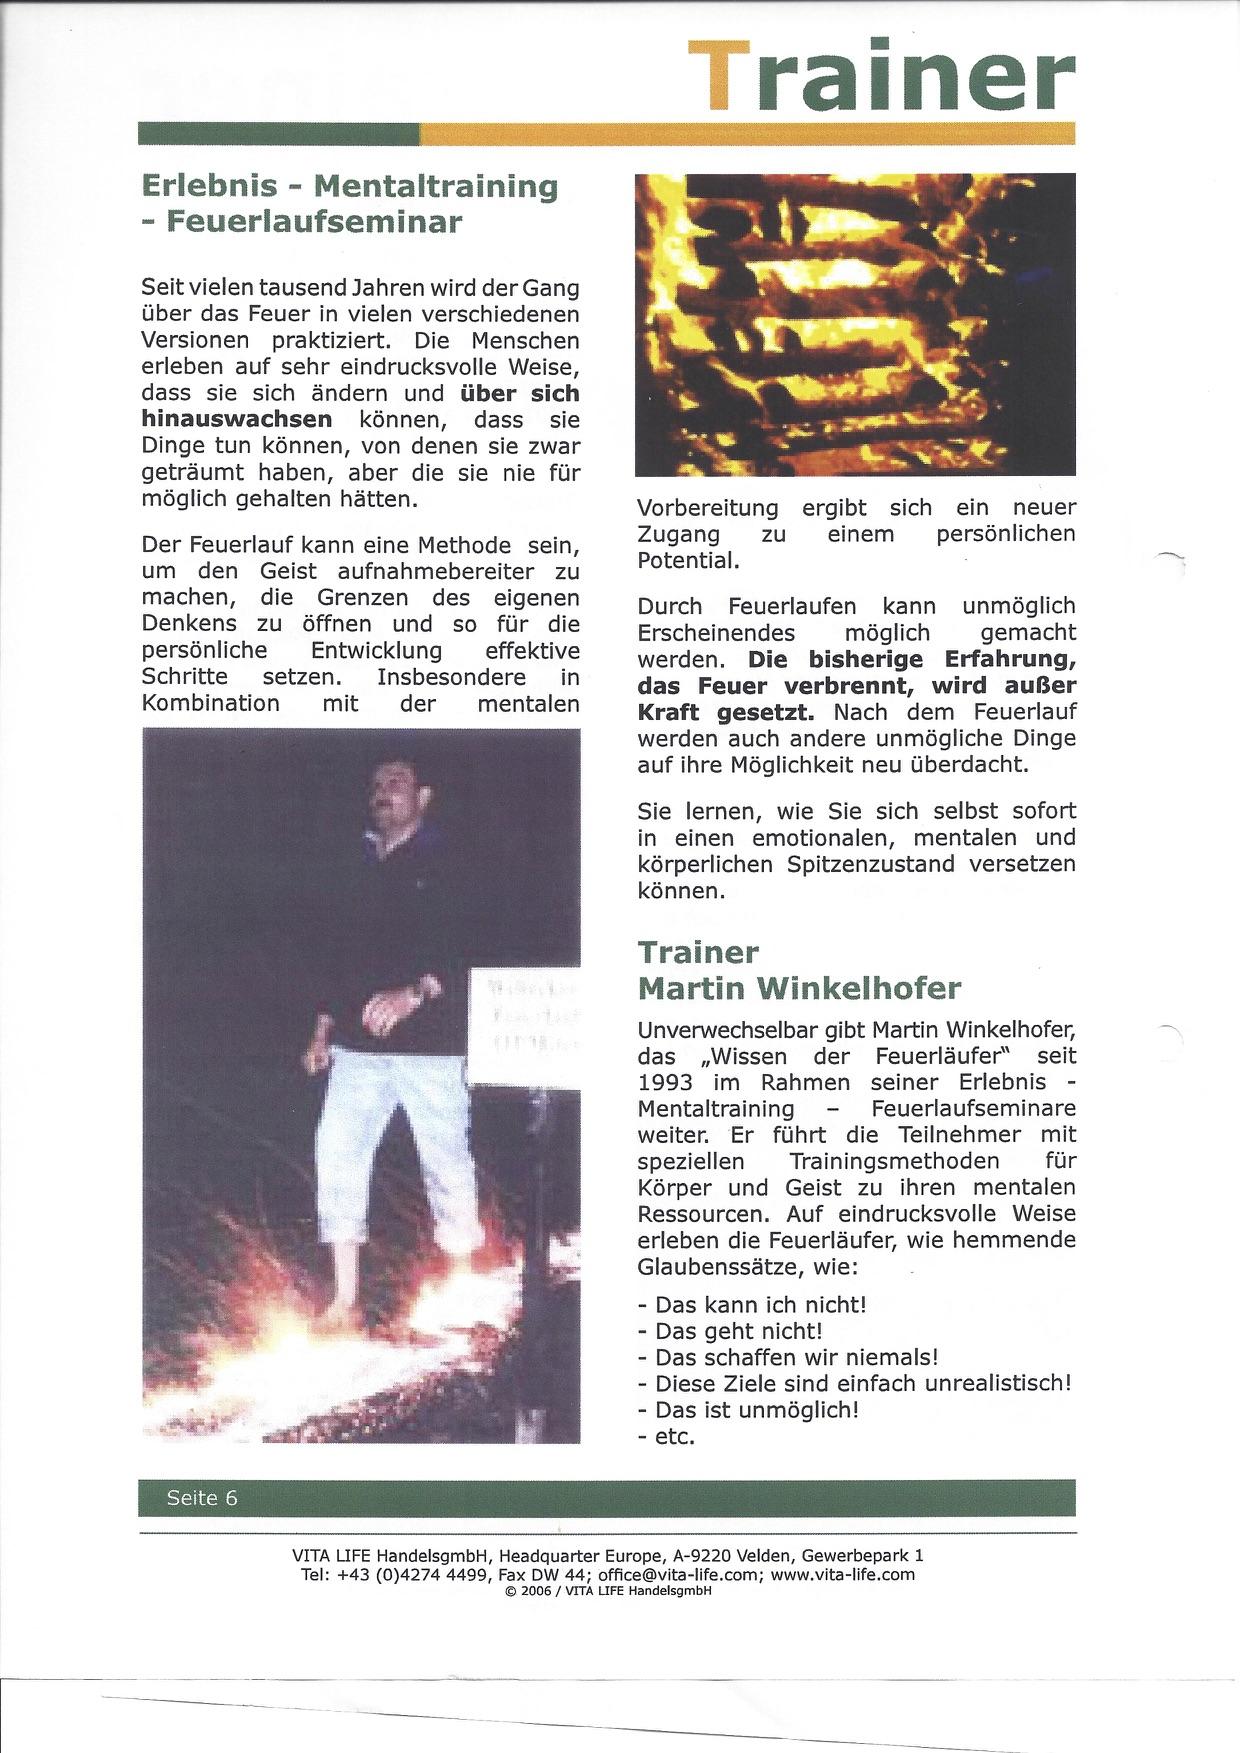 Feuerlauf mit Martin Winkelhofer www.feuerlauf-seminar.at